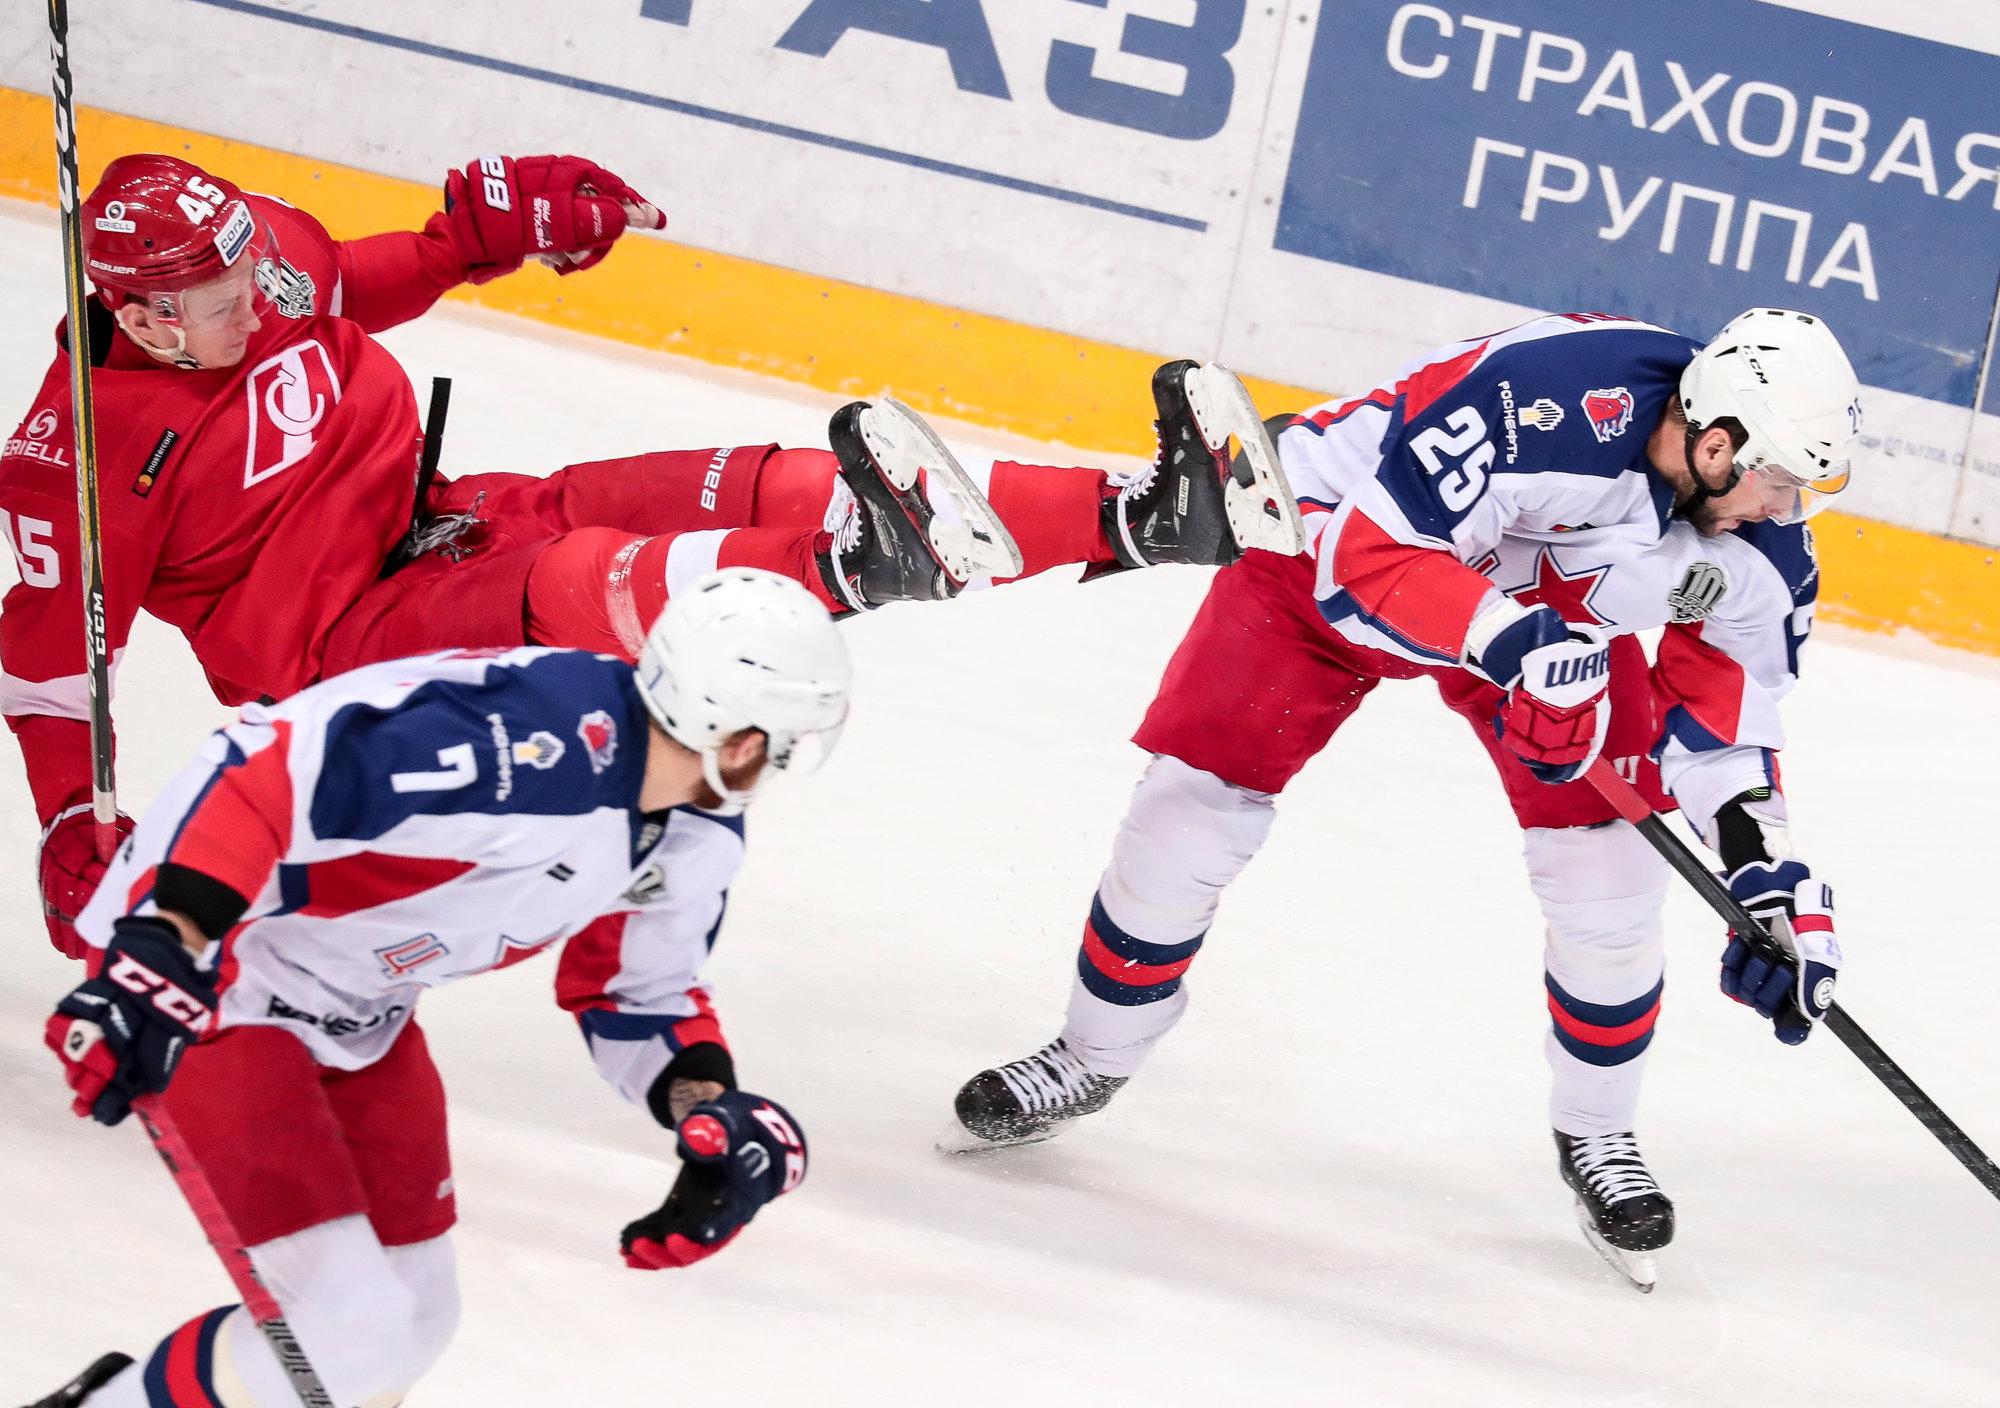 Прогноз на КХЛ: ЦСКА – Сибирь – 30 октября 2018 года